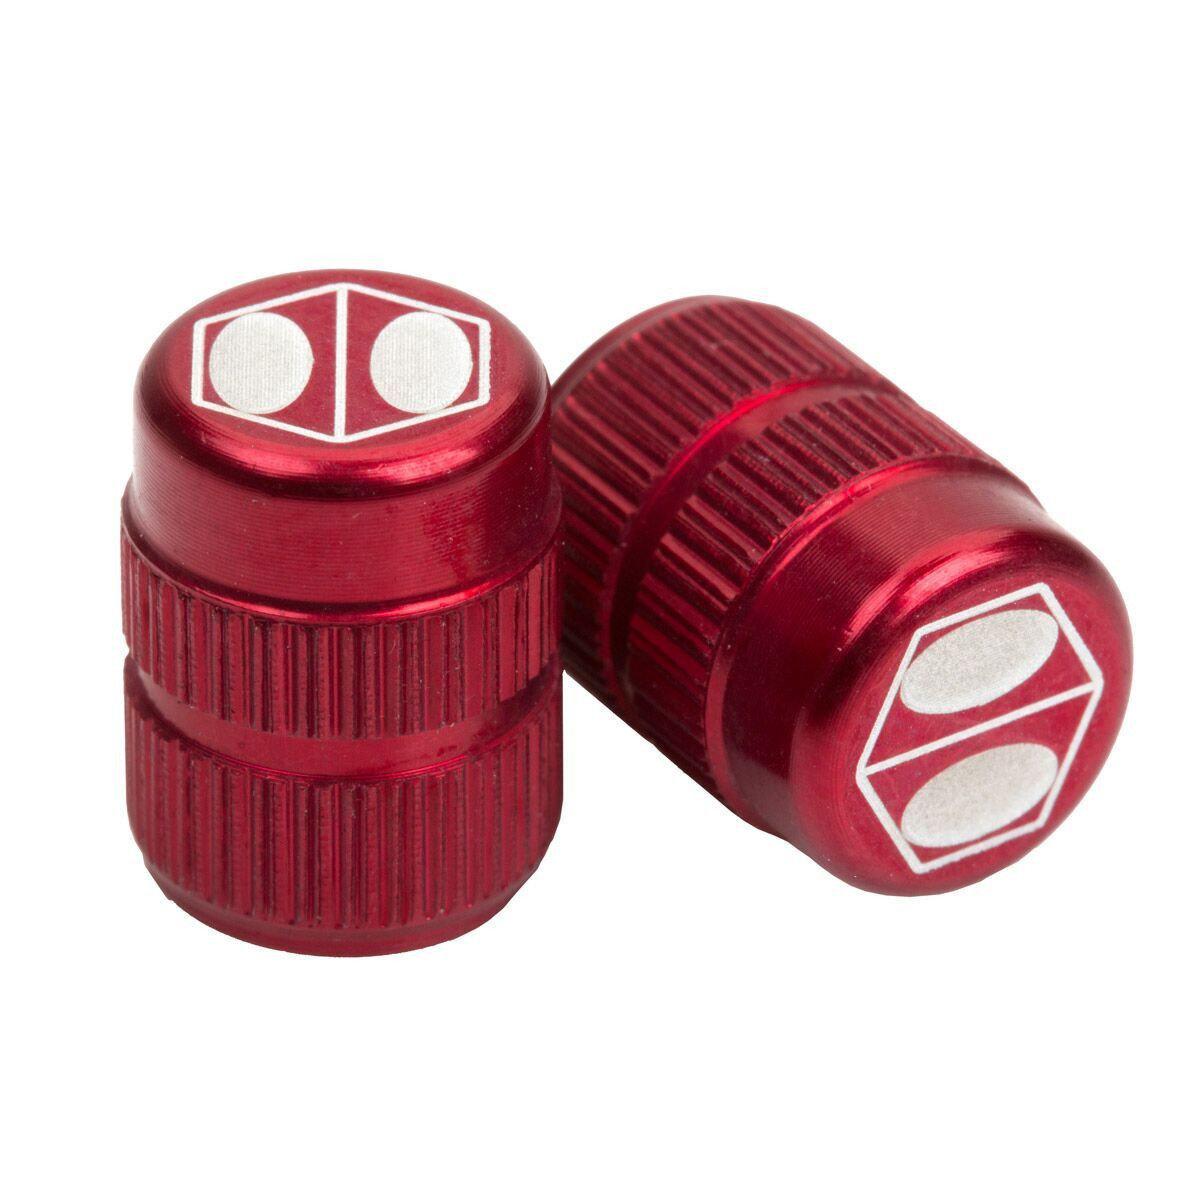 BOX ONE Schrader Valve Caps Red